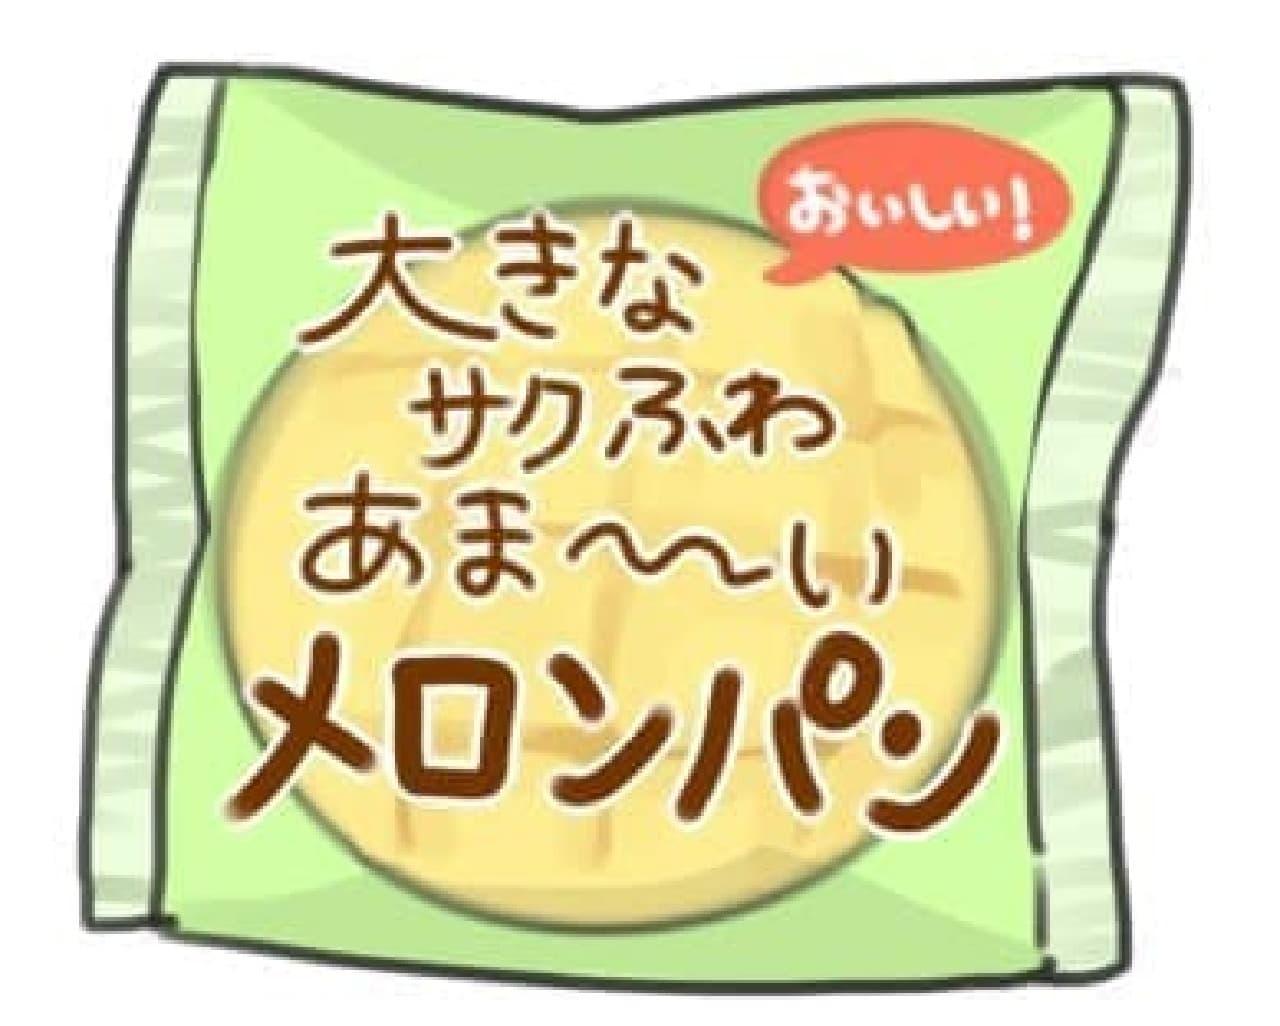 自己主張の激しいパン